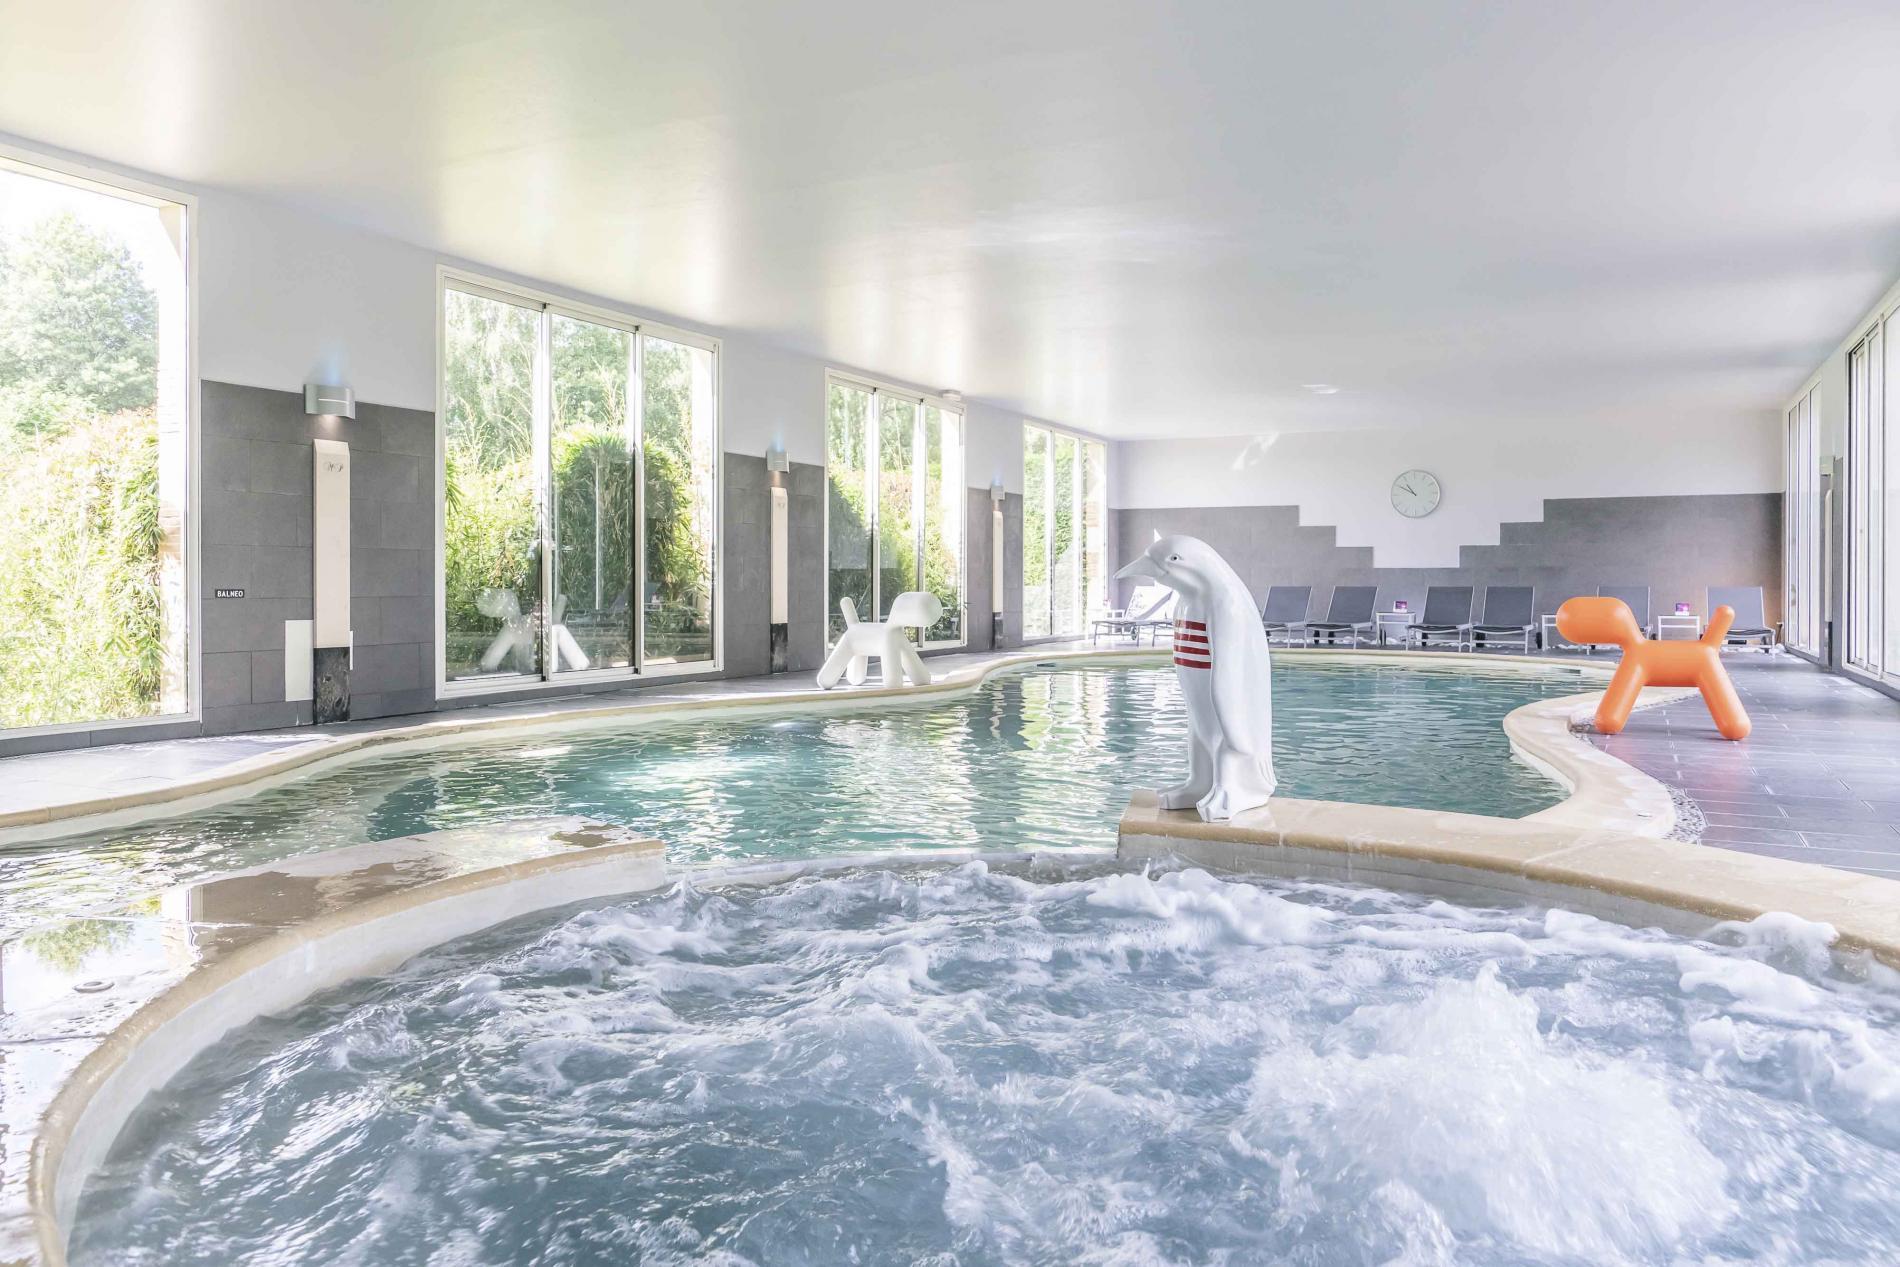 Hôtel Spa & Piscine À Honfleur | Spa Les Thermes concernant Hotel Avec Piscine Normandie